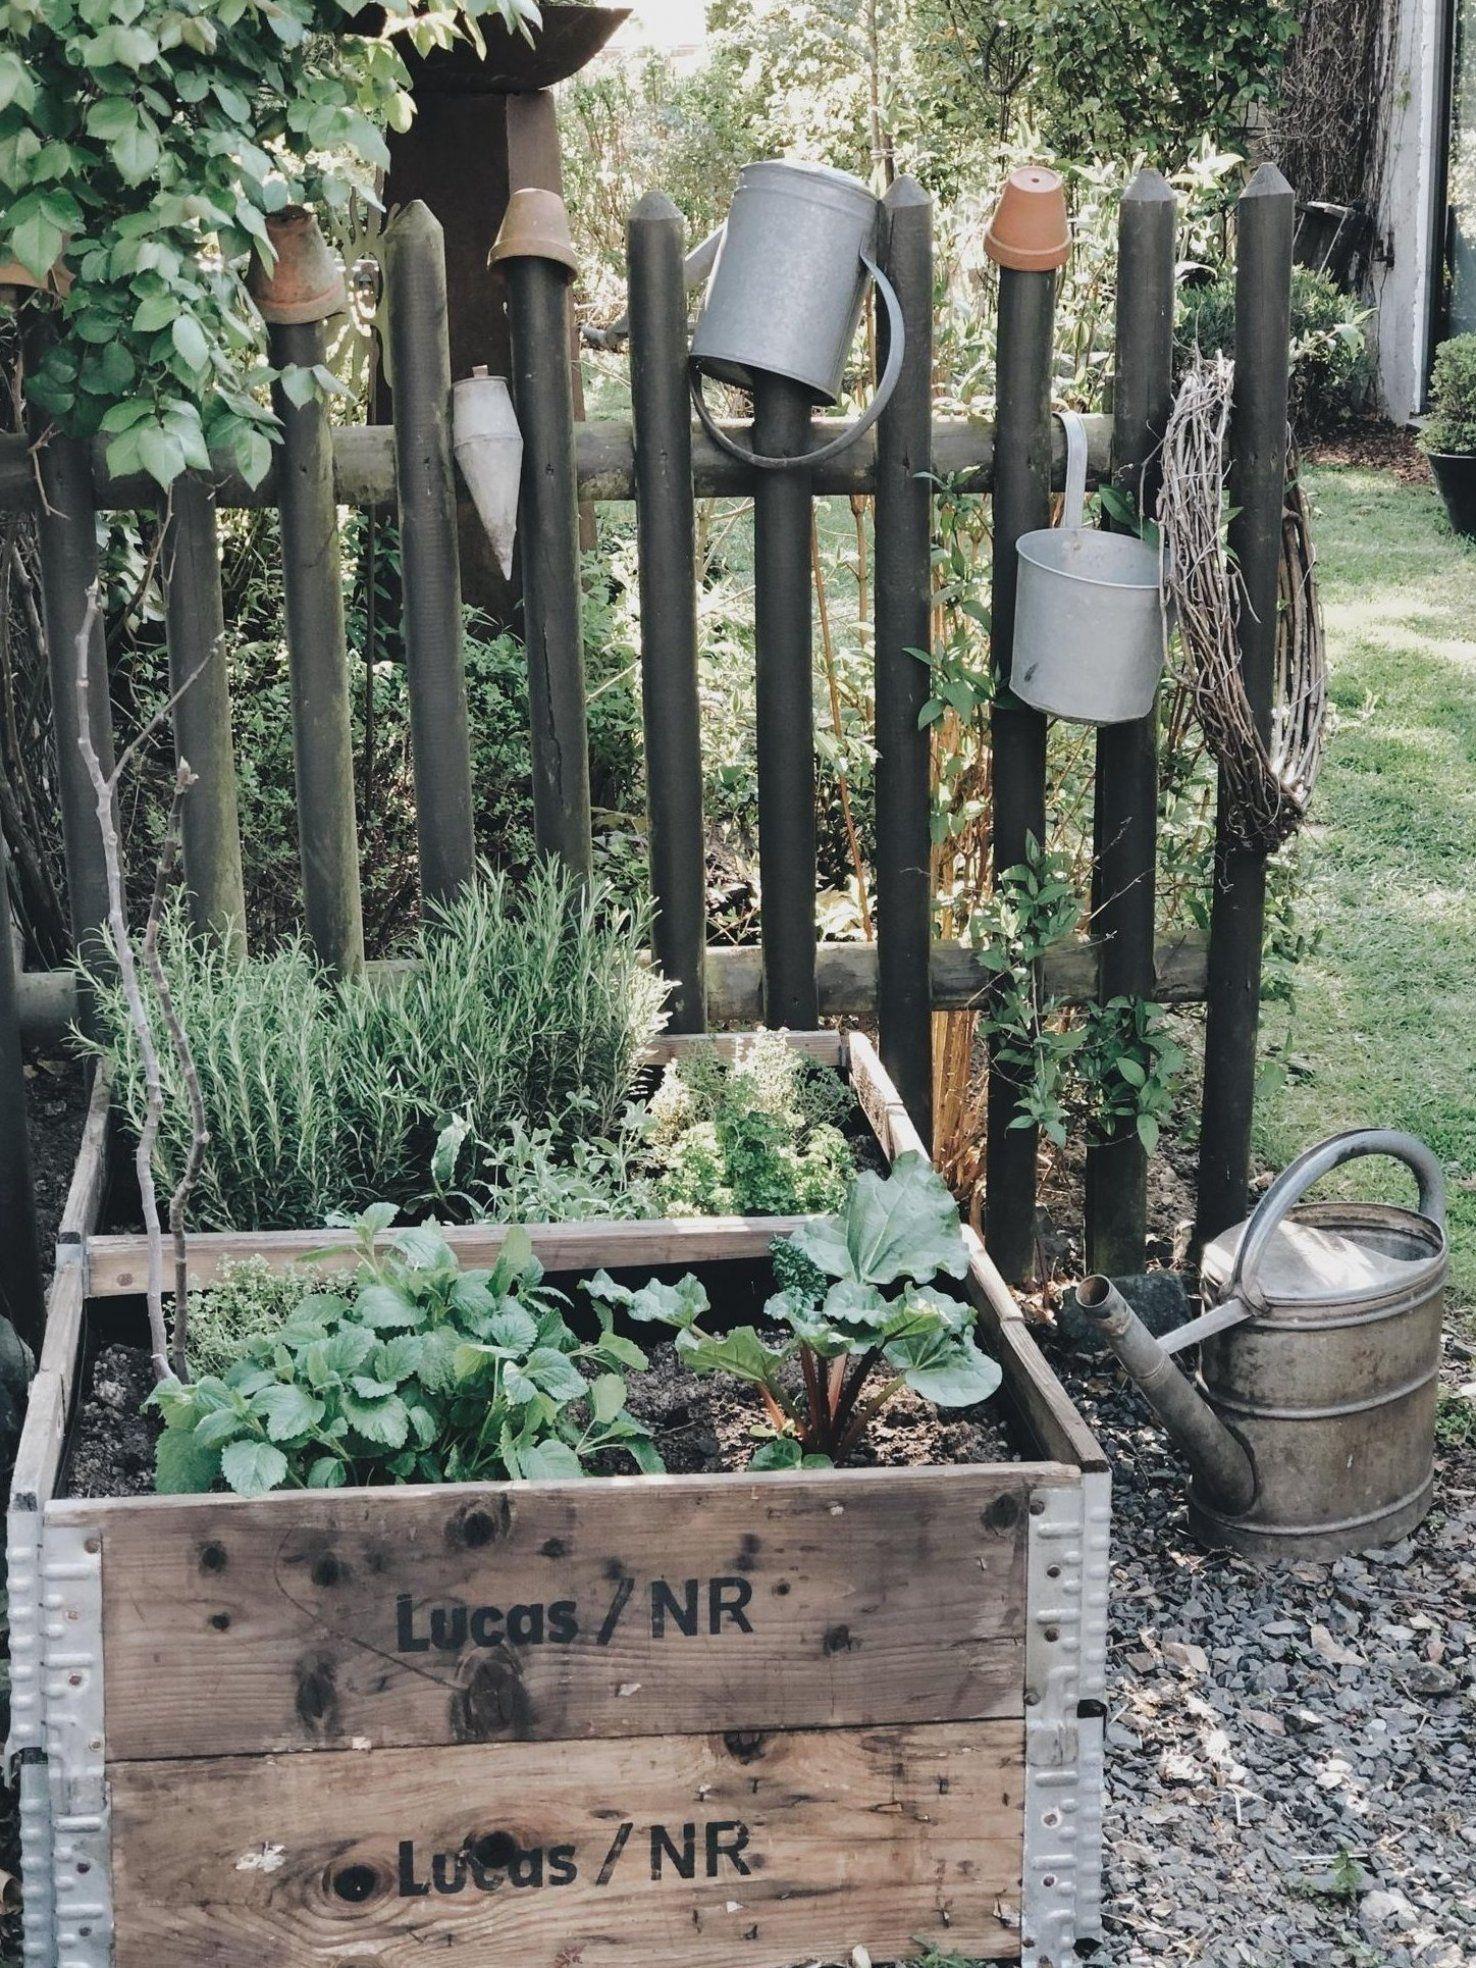 Garten Hochbeet Vintage Terrassenideeen Garten Gartenpaletten Gartenlandschaftsbau In 2020 Garten Hochbeet Gartengestaltung Ideen Gartengestaltung Hochbeet